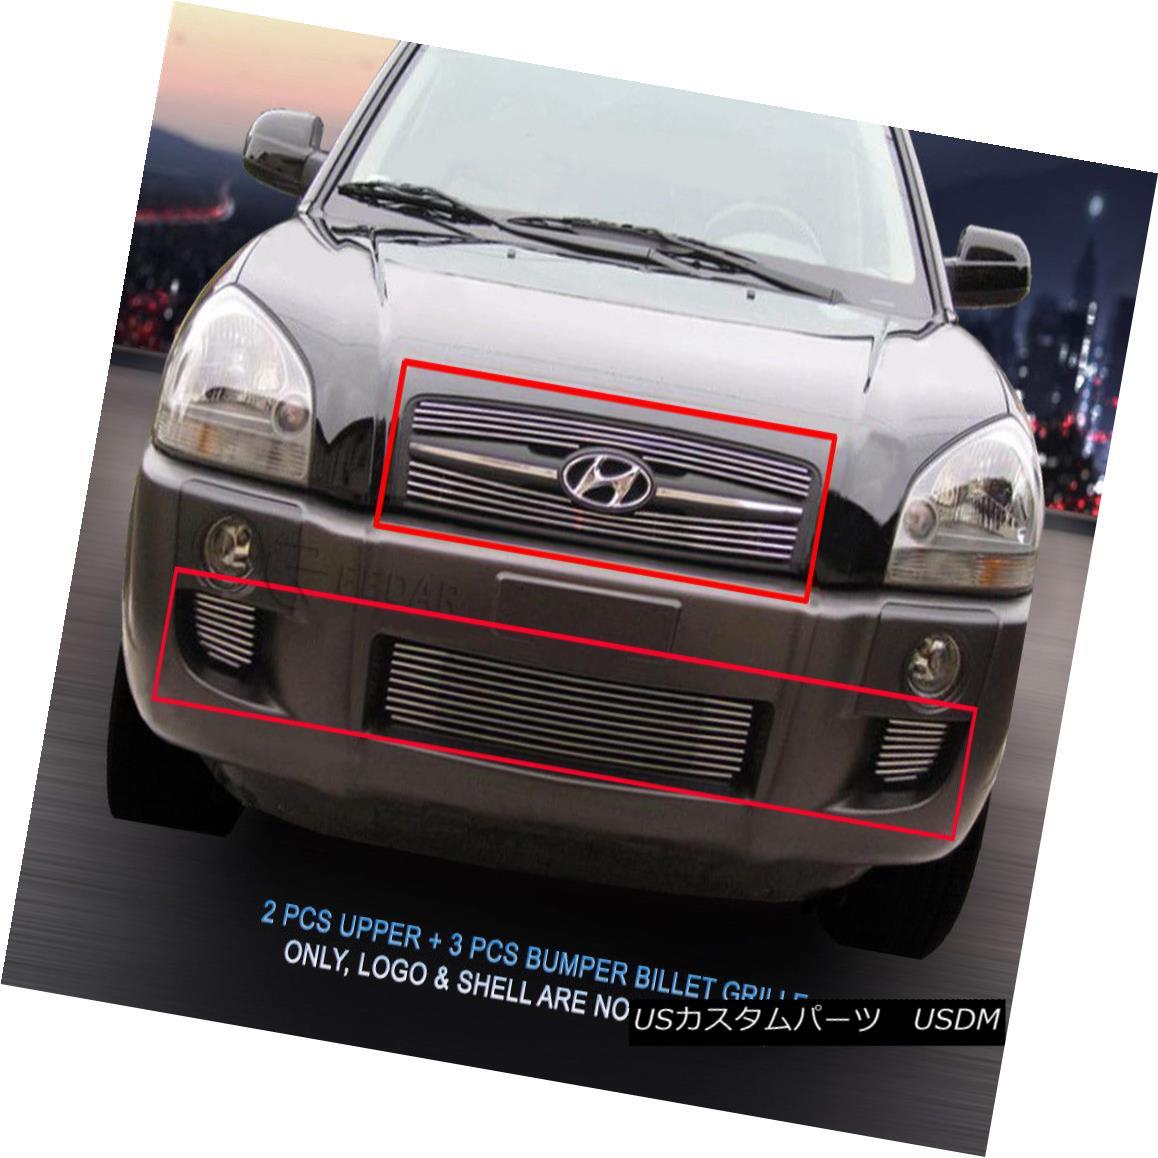 グリル For 2005 - 2009 Hyundai Tucson Billet Grille Combo Grill Insert Fedar 2005年 - 2009年現代ツーソンビレットグリルコンボグリルインサートFedar